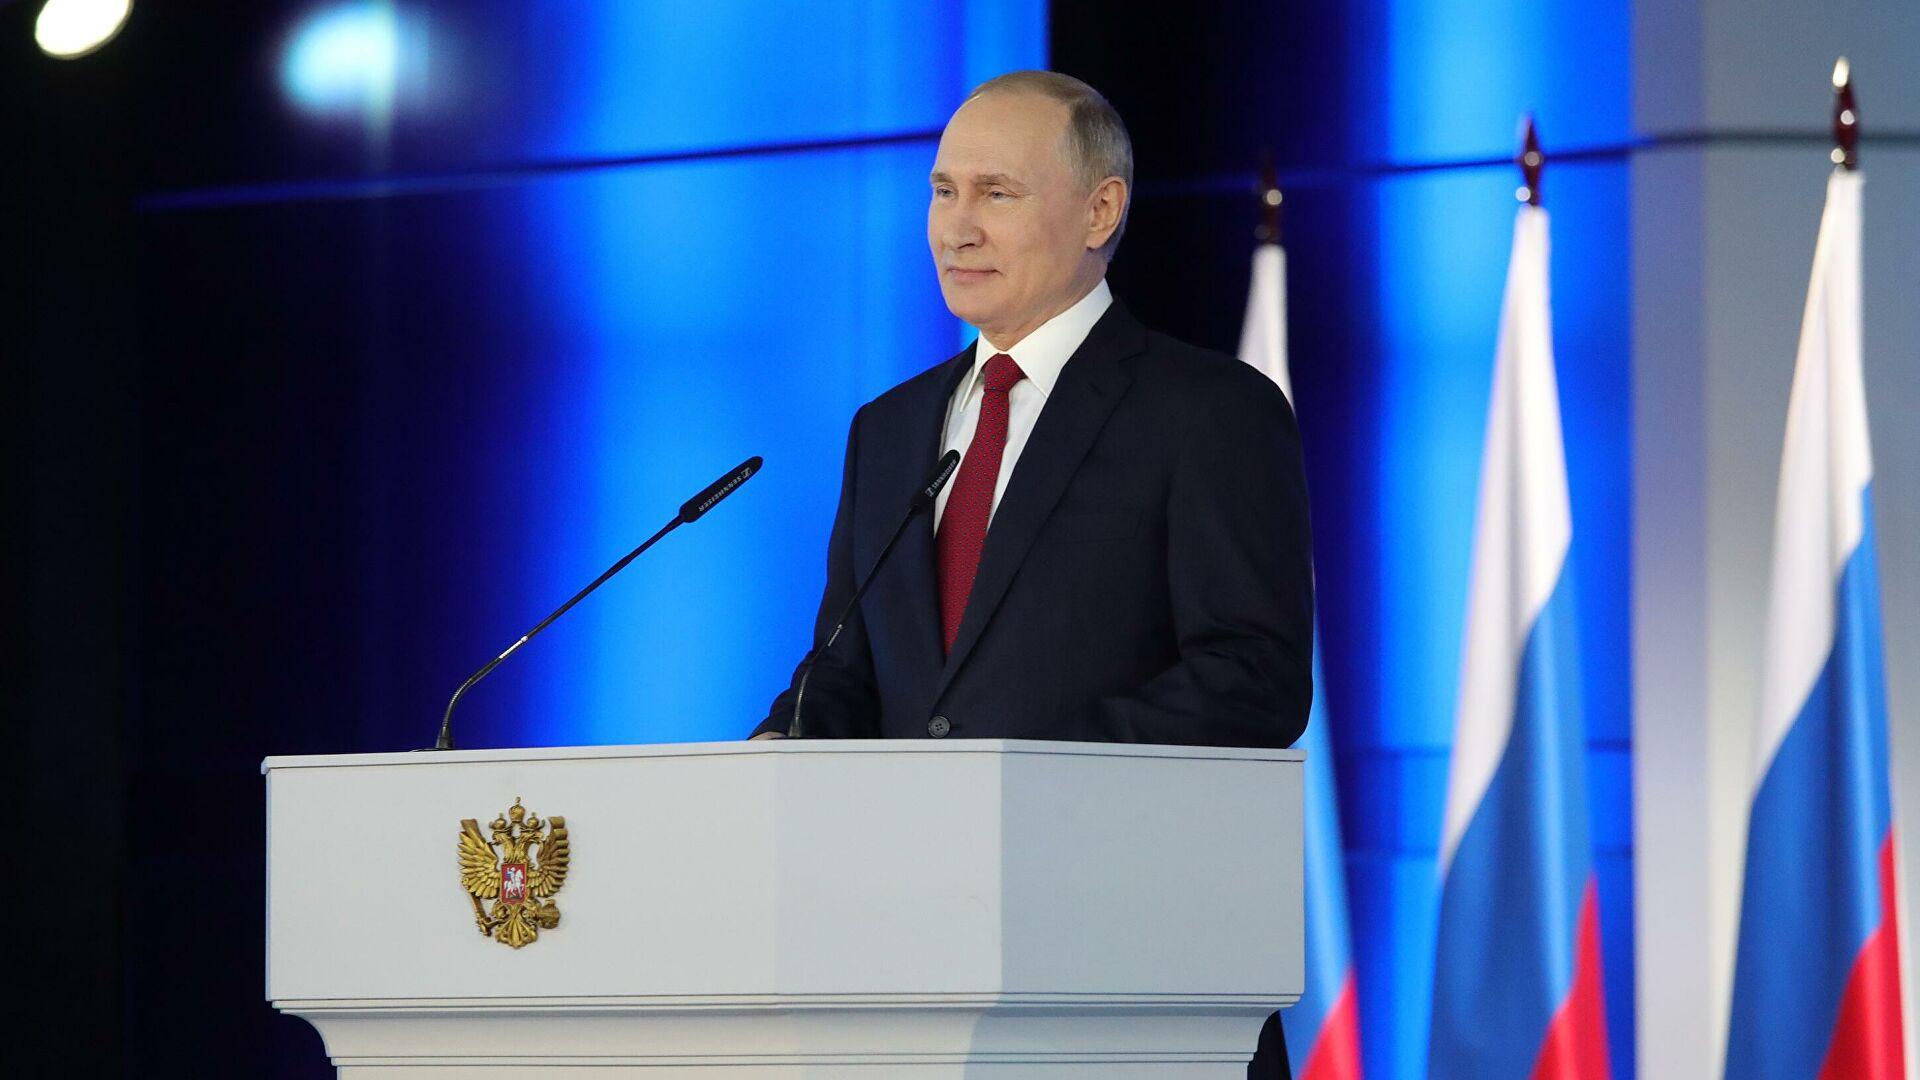 Обраћање председника Путина Федералној скупштини